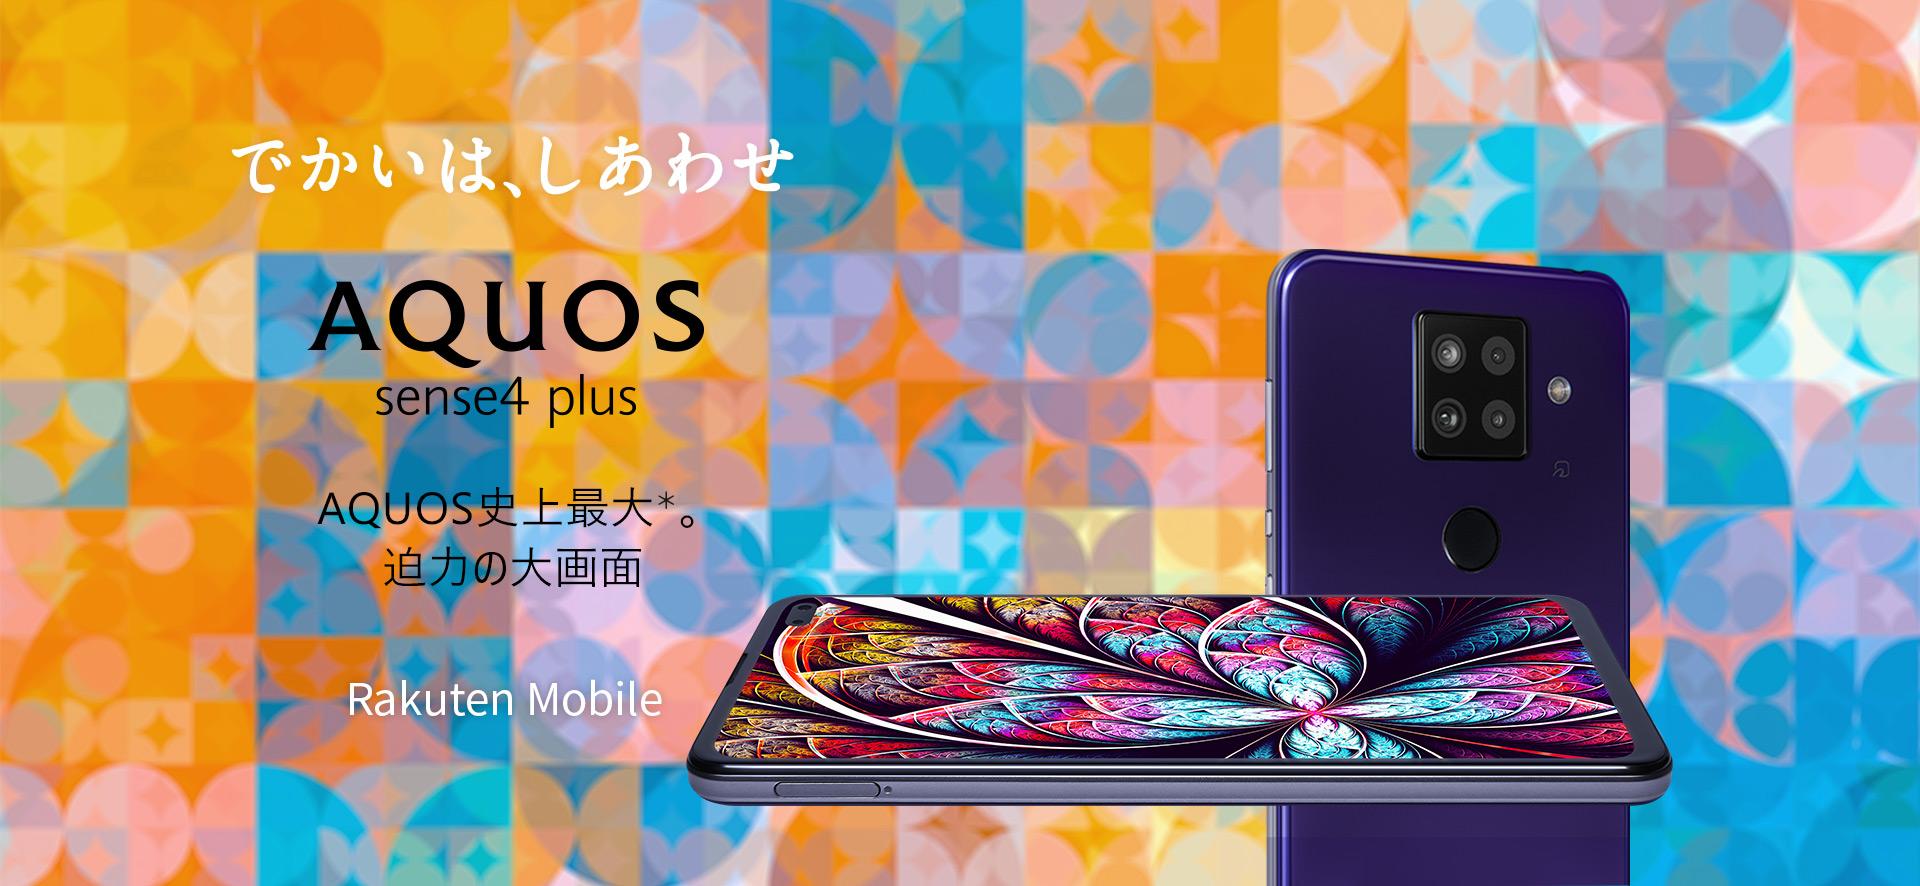 AQUOS sense4 plus トップページ